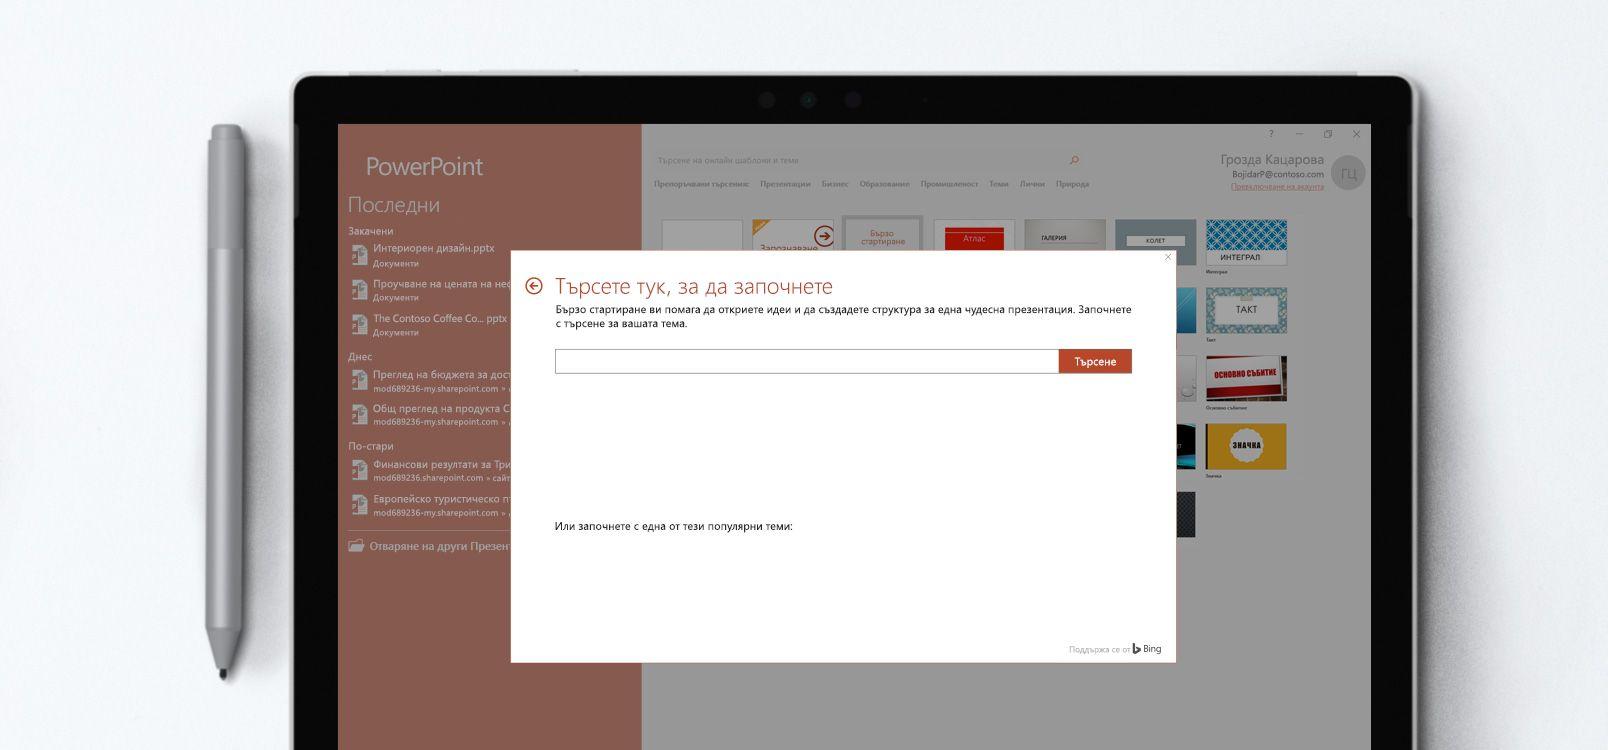 """Екран на таблет, показващ документ на PowerPoint, в който се използва функцията """"Бързо стартиране"""""""